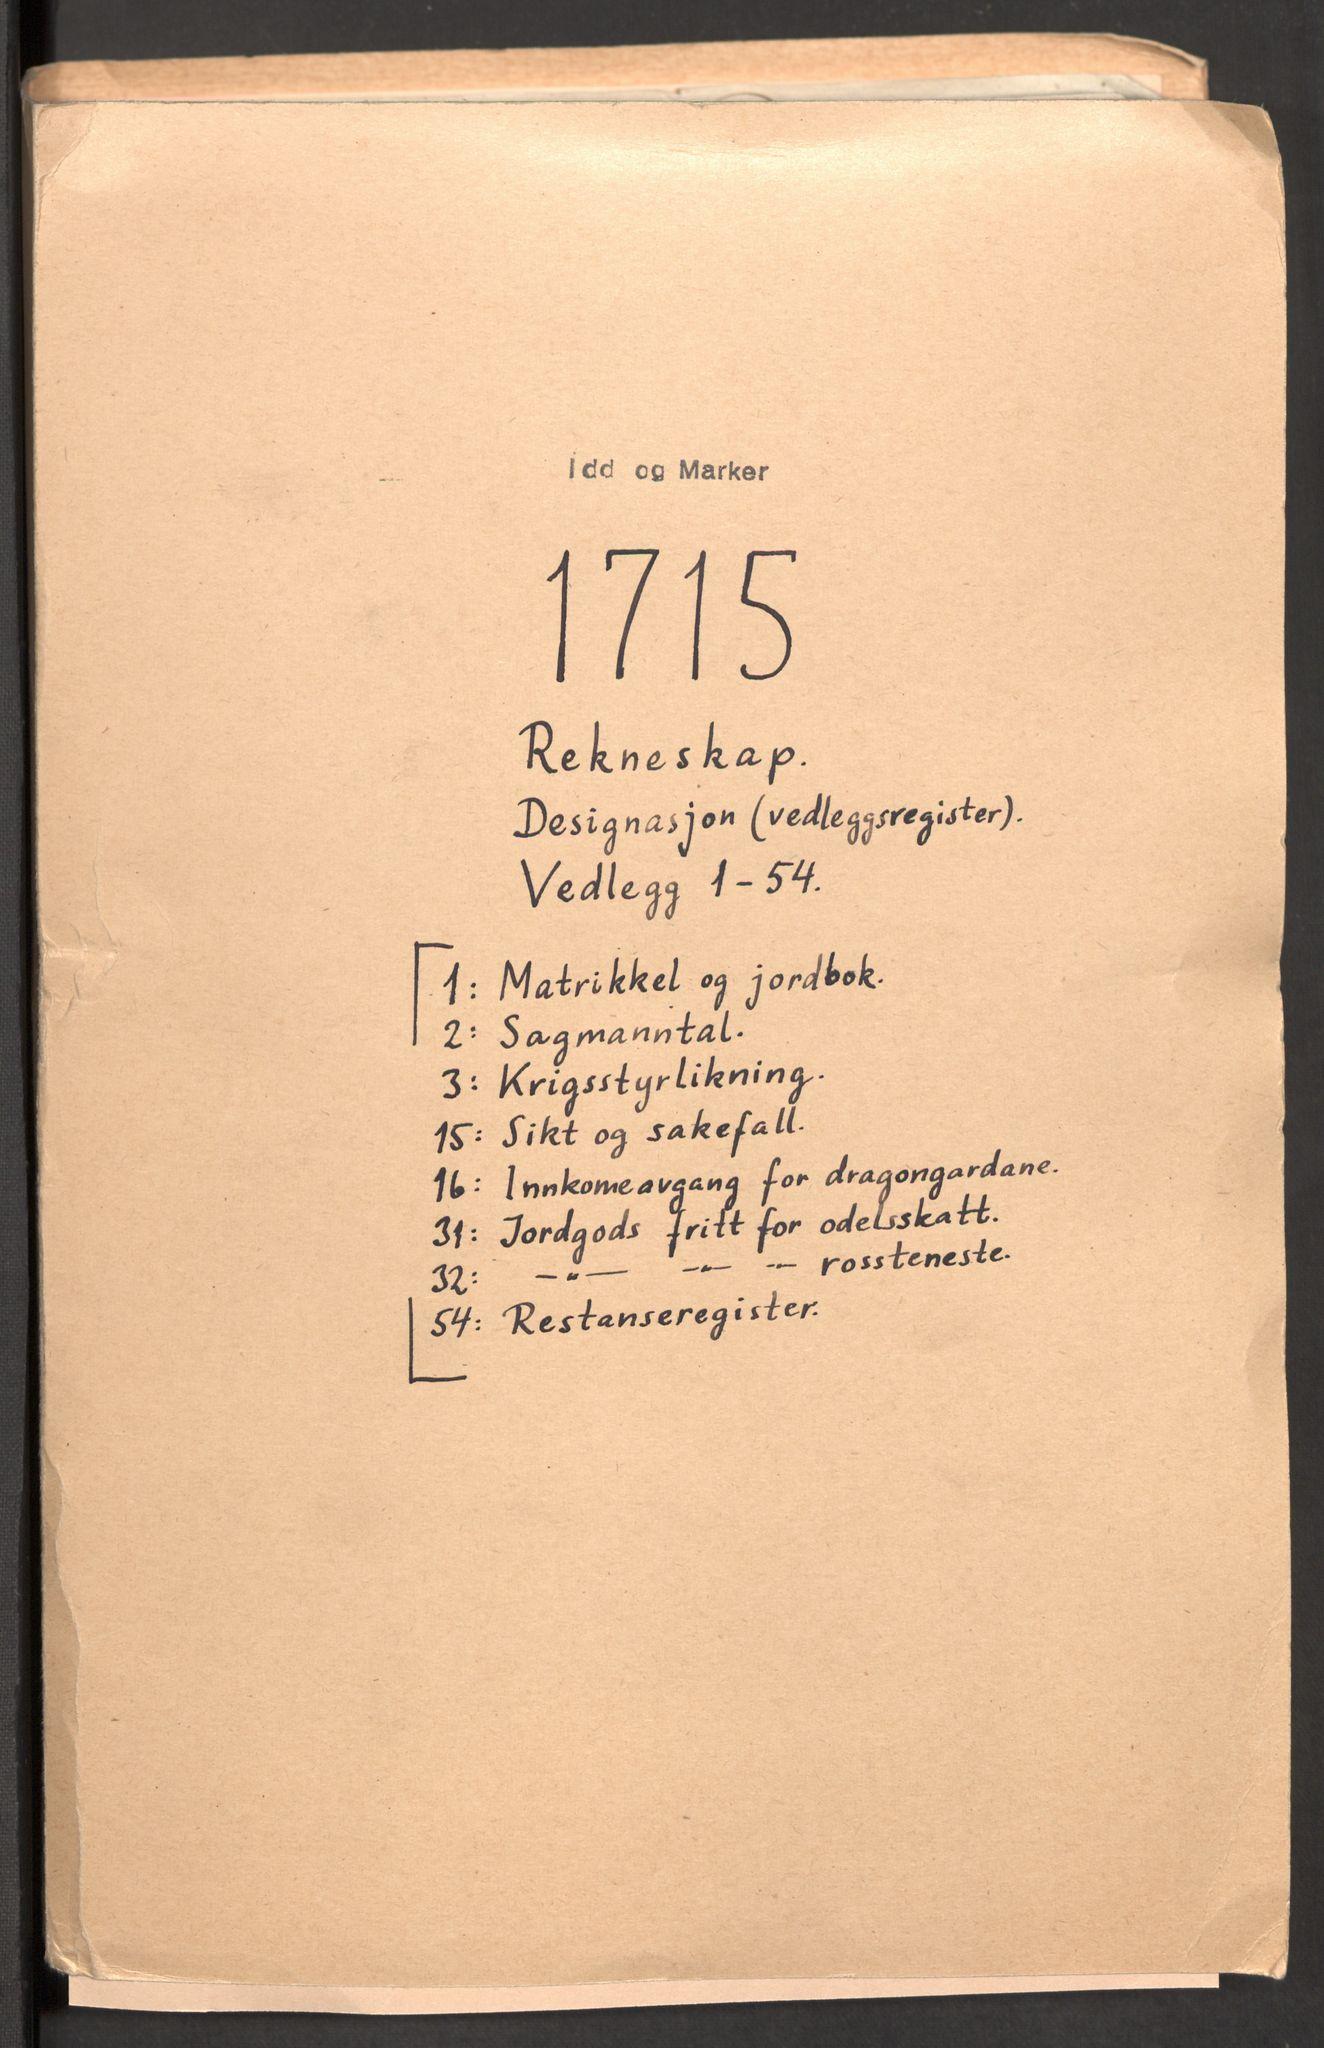 RA, Rentekammeret inntil 1814, Reviderte regnskaper, Fogderegnskap, R01/L0023: Fogderegnskap Idd og Marker, 1715-1716, s. 2